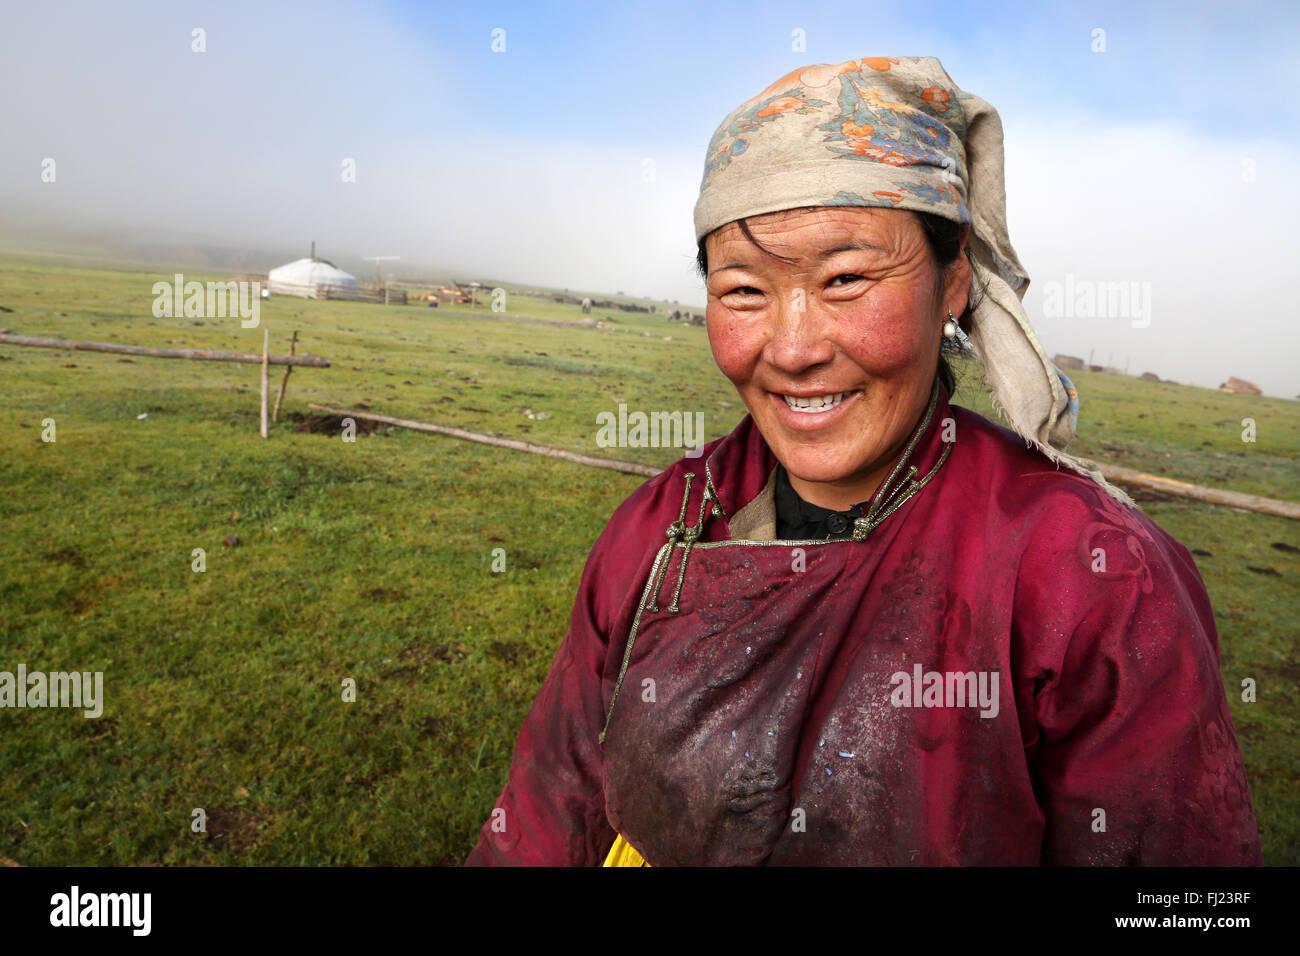 Retrato de mujer mongola con vestido de traje tradicional llamado 'deel' Imagen De Stock